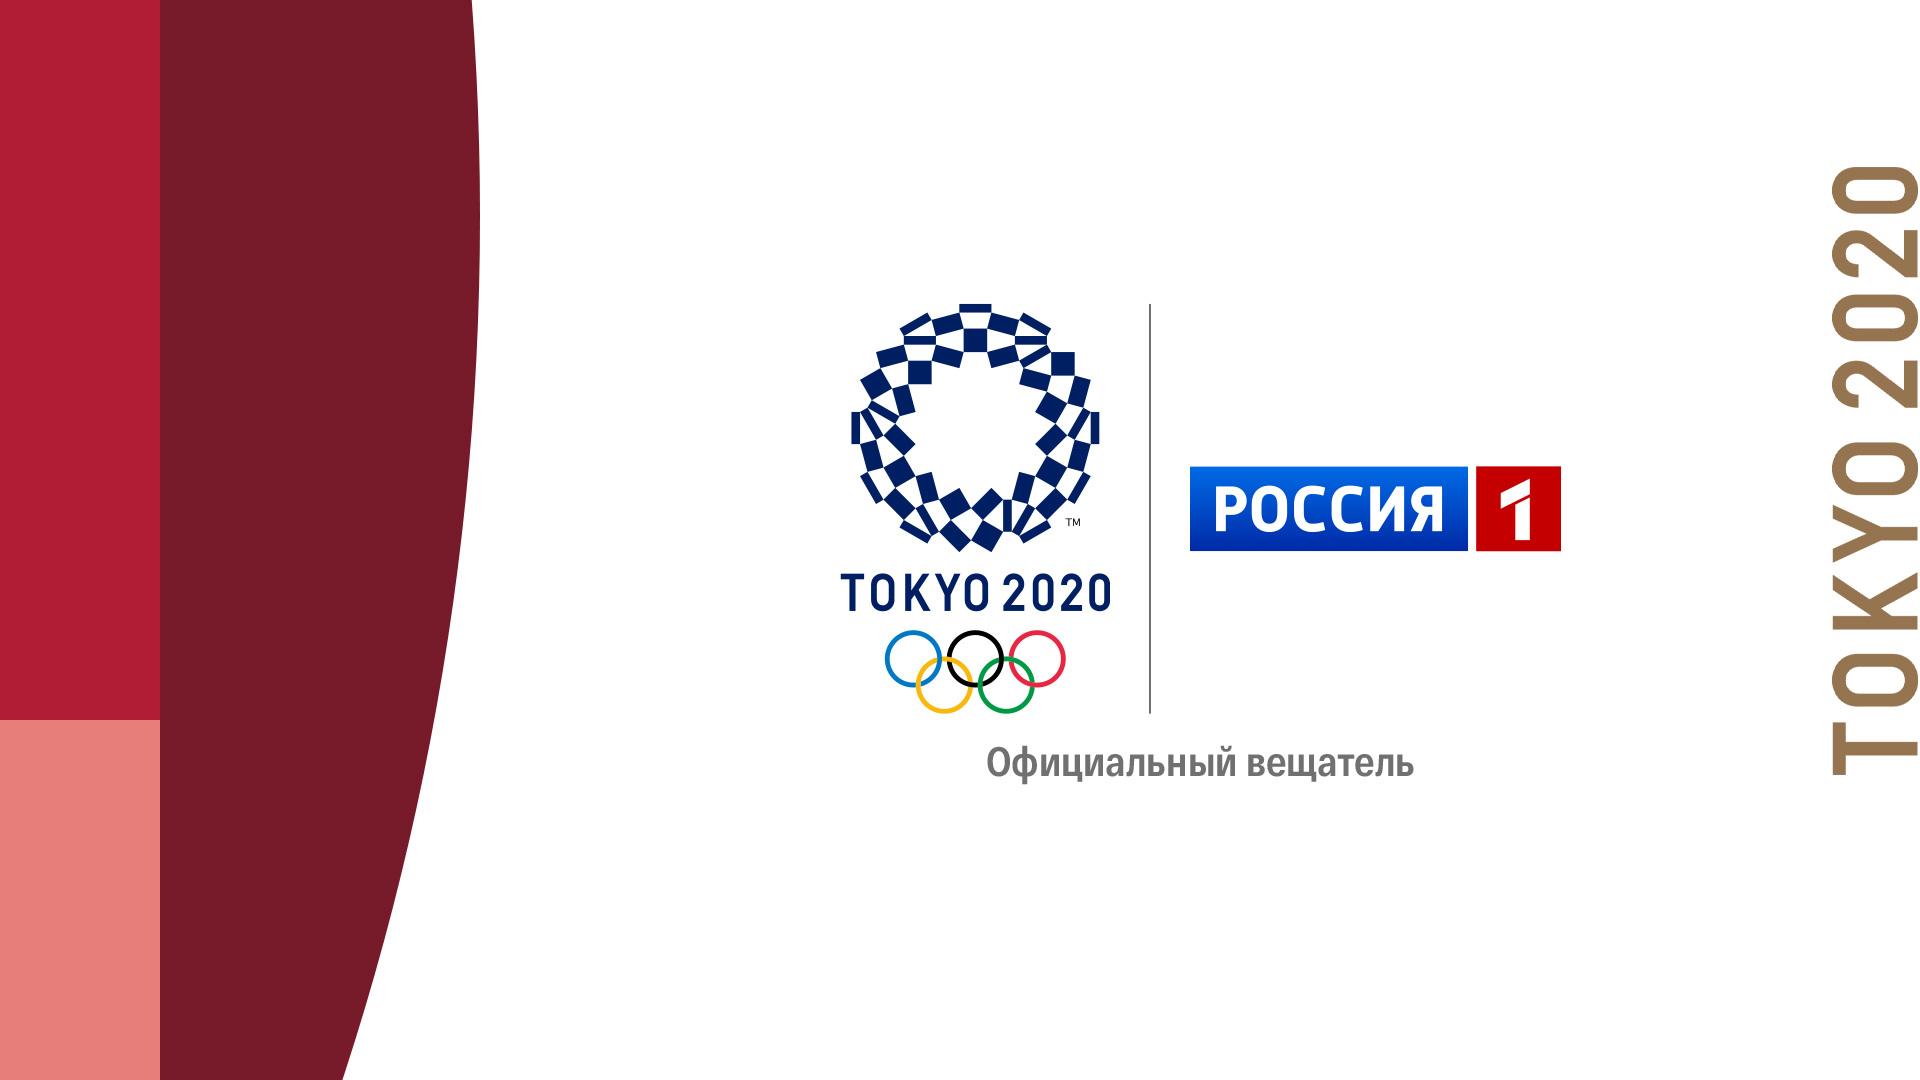 XXXII летние Олимпийские игры в Токио